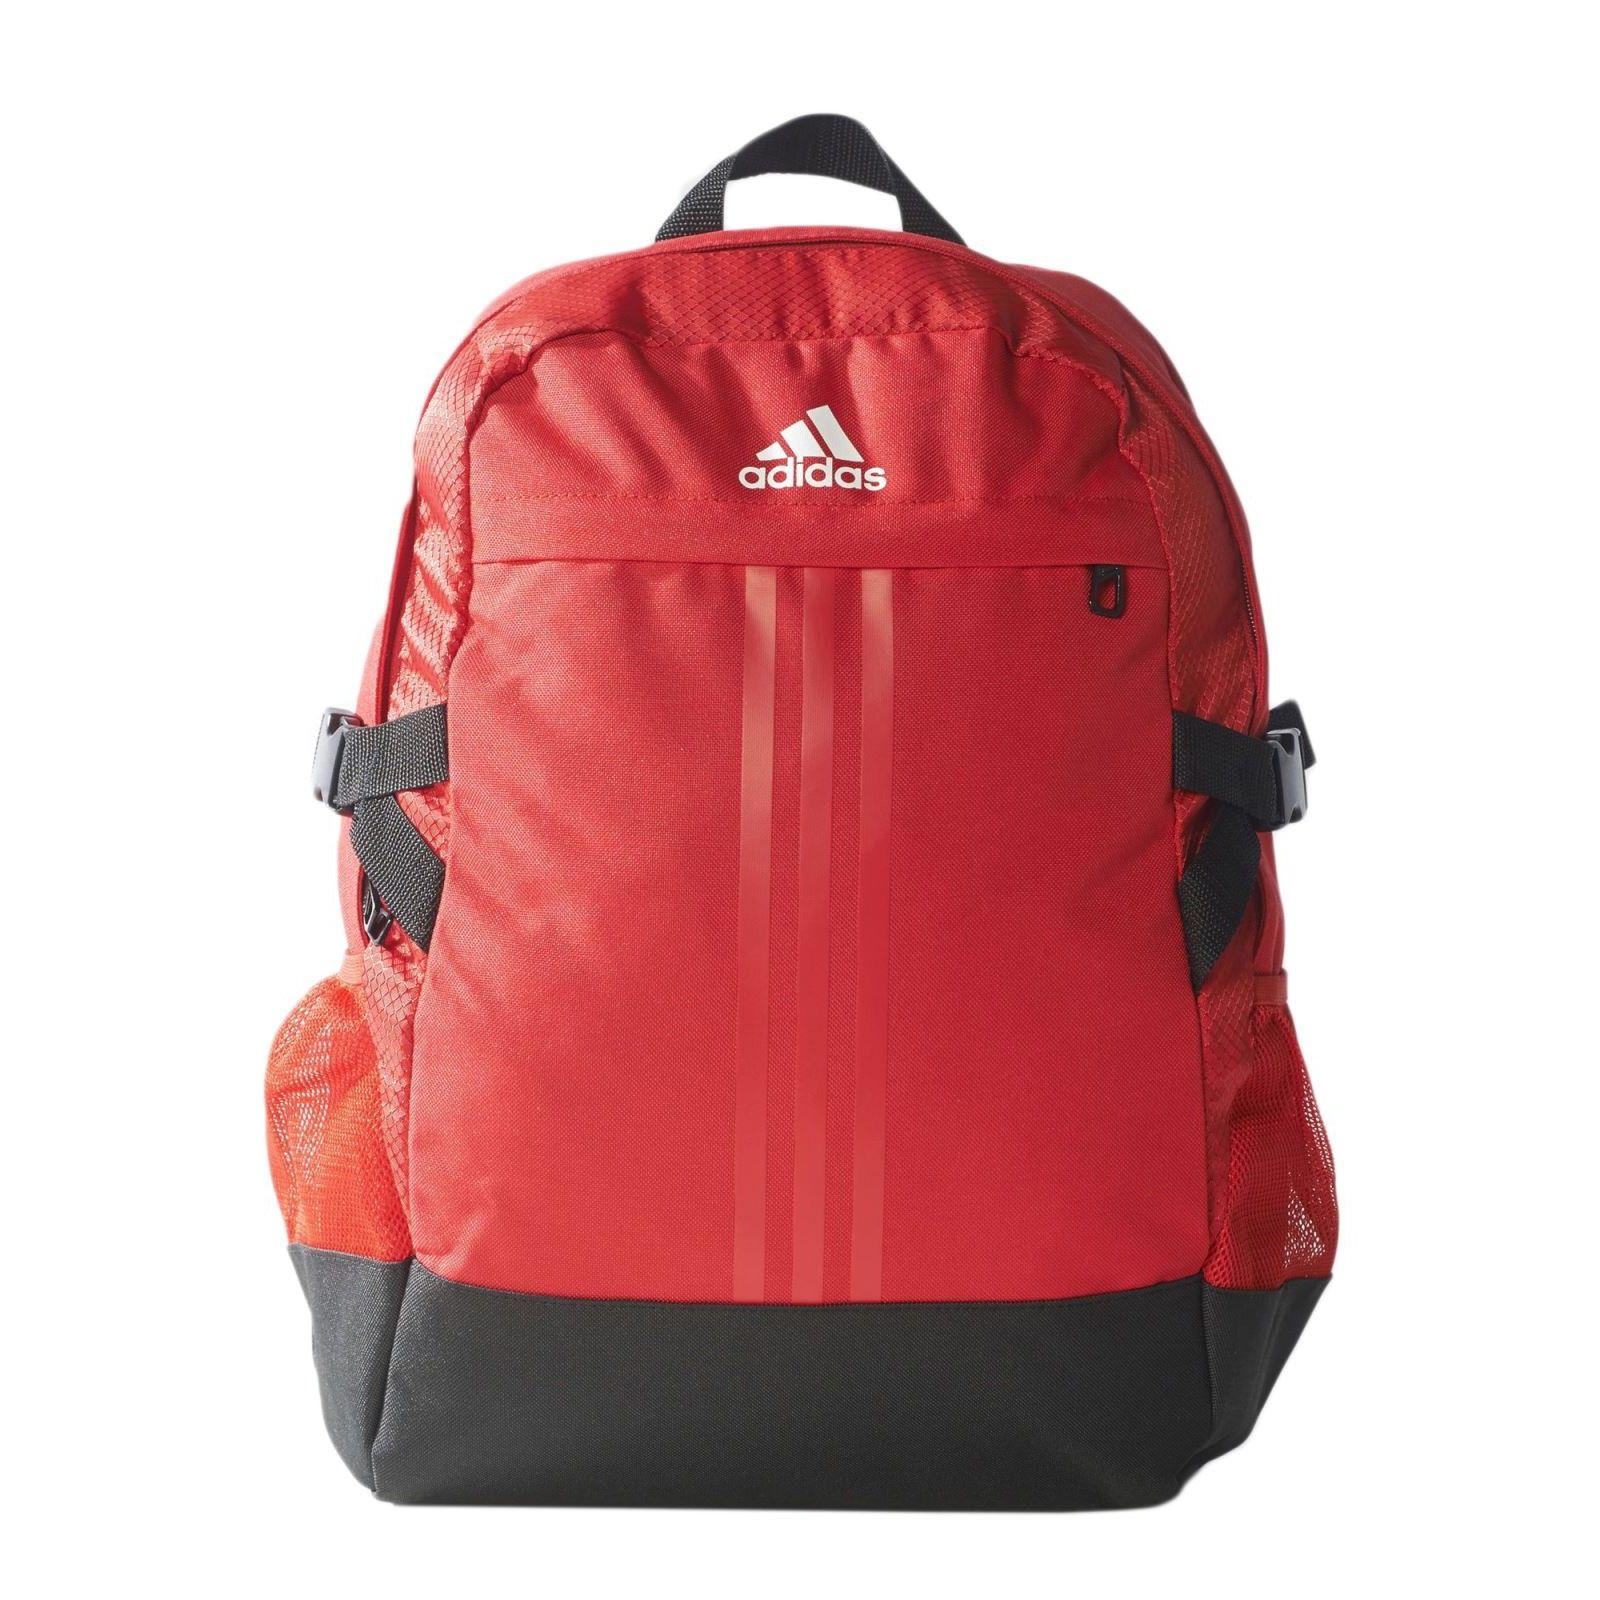 542b284b511d3 Adidas Sırt Çantası Bp Power Iii M - 1 | Sırt çantaları | Adidas ...